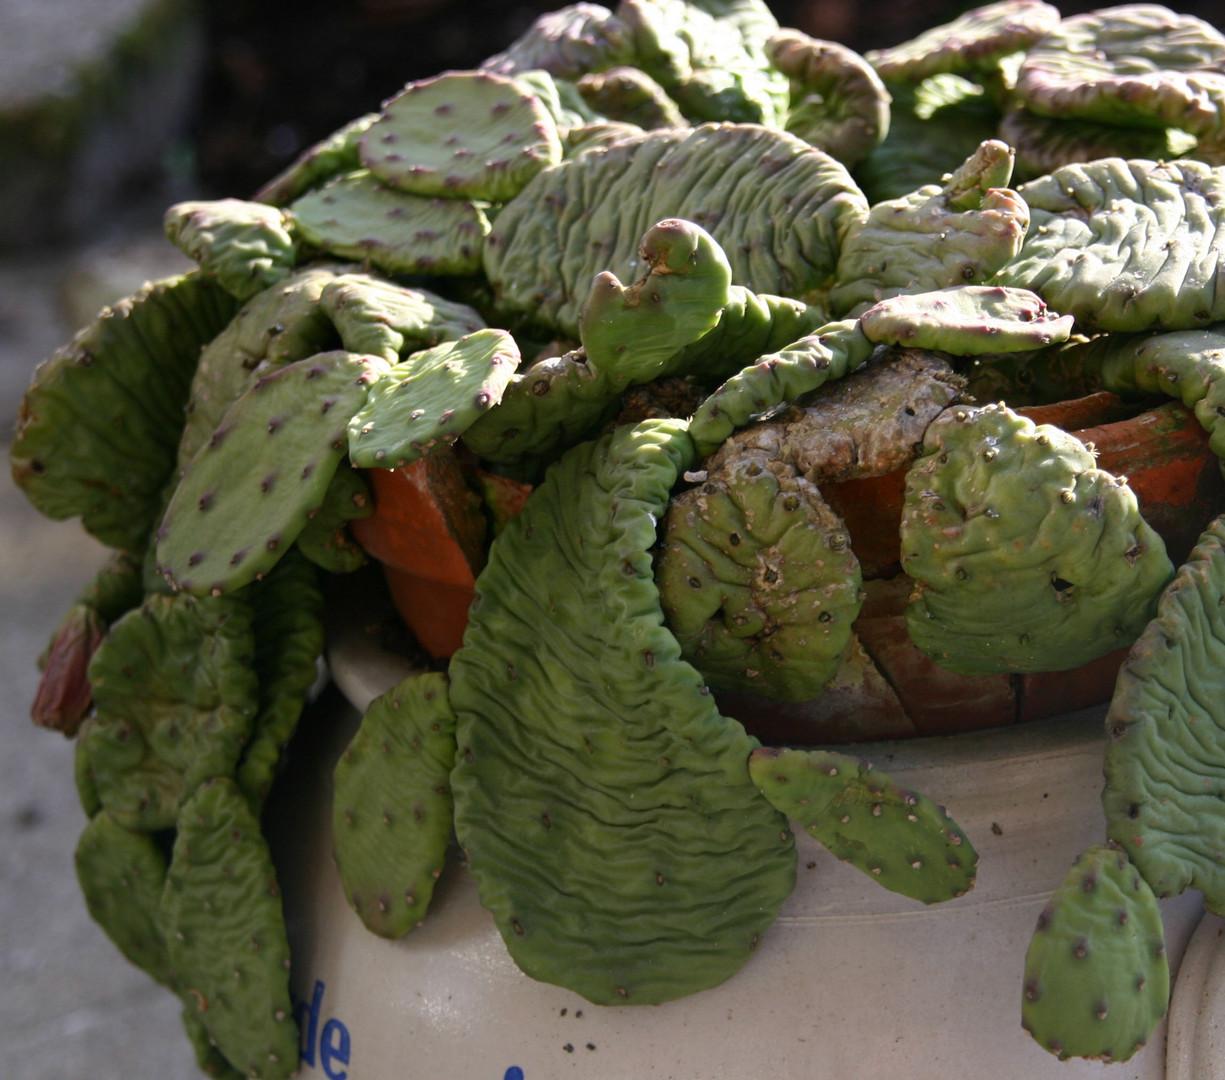 So sieht mein Kaktus im Winter aus.